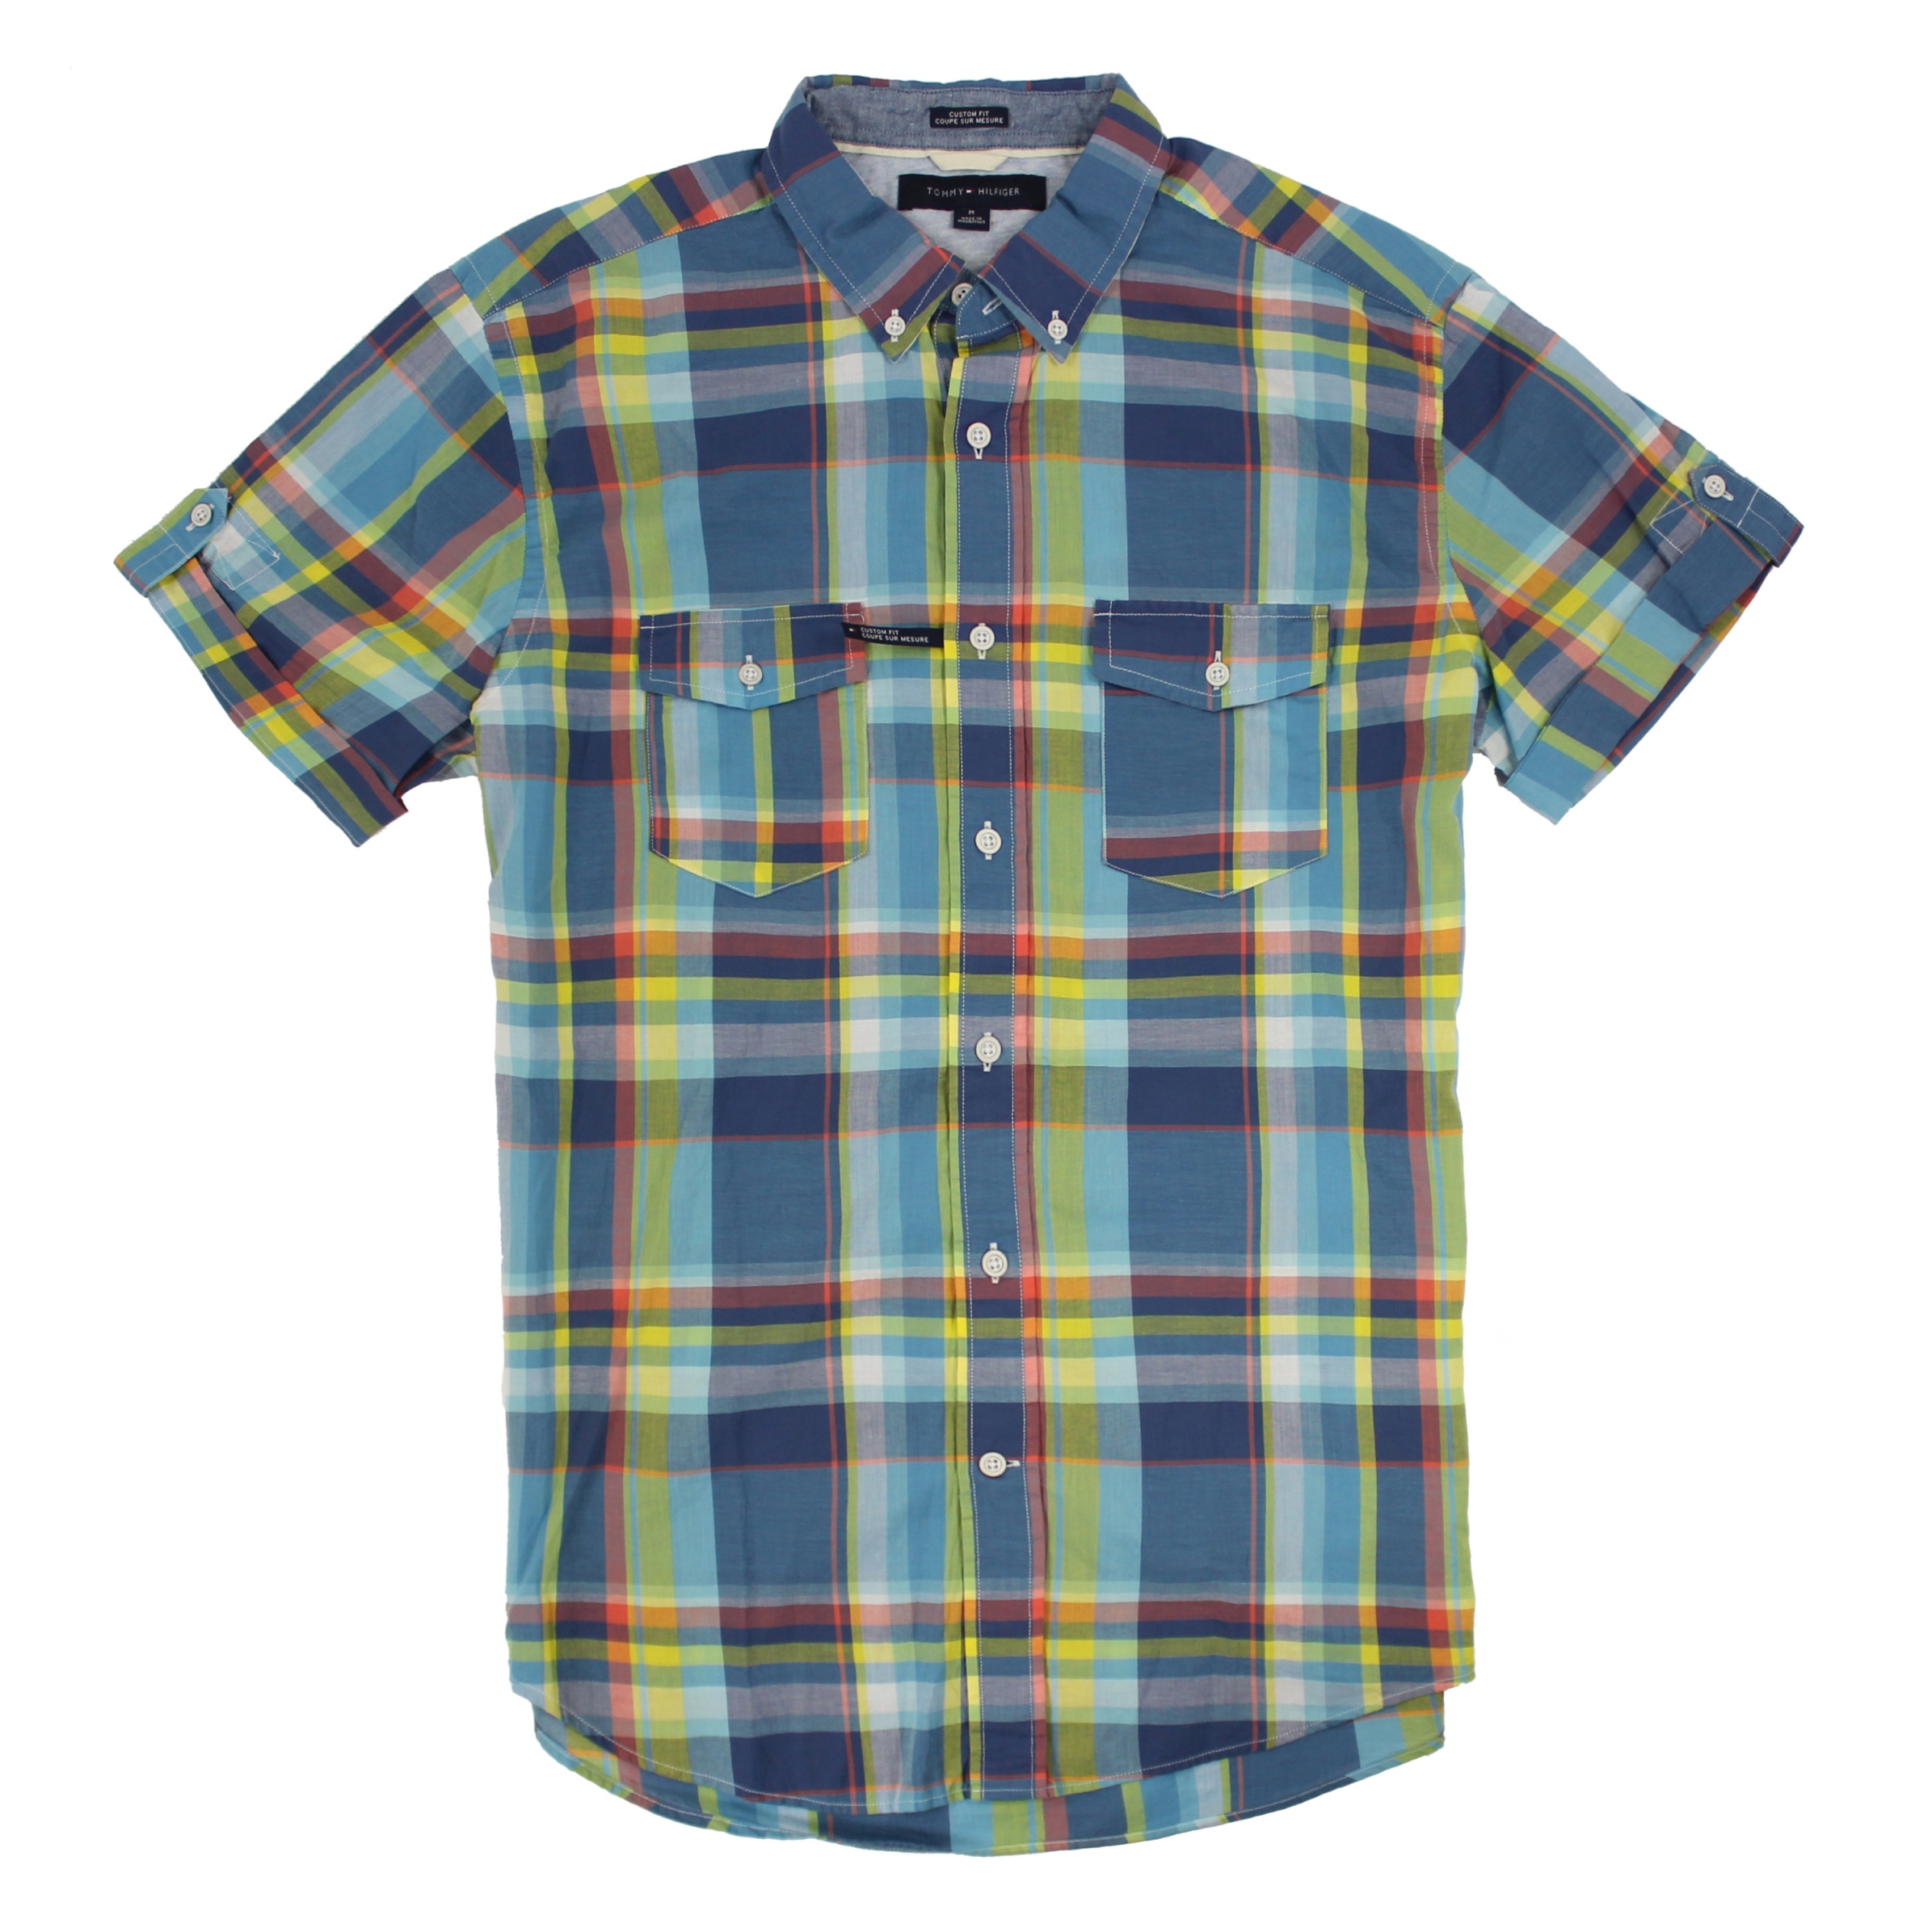 美國百分百【全新真品】Tommy Hilfiger TH 男 襯衫 短袖 上衣 休閒 口袋 藍黃色 格紋 S號 E141